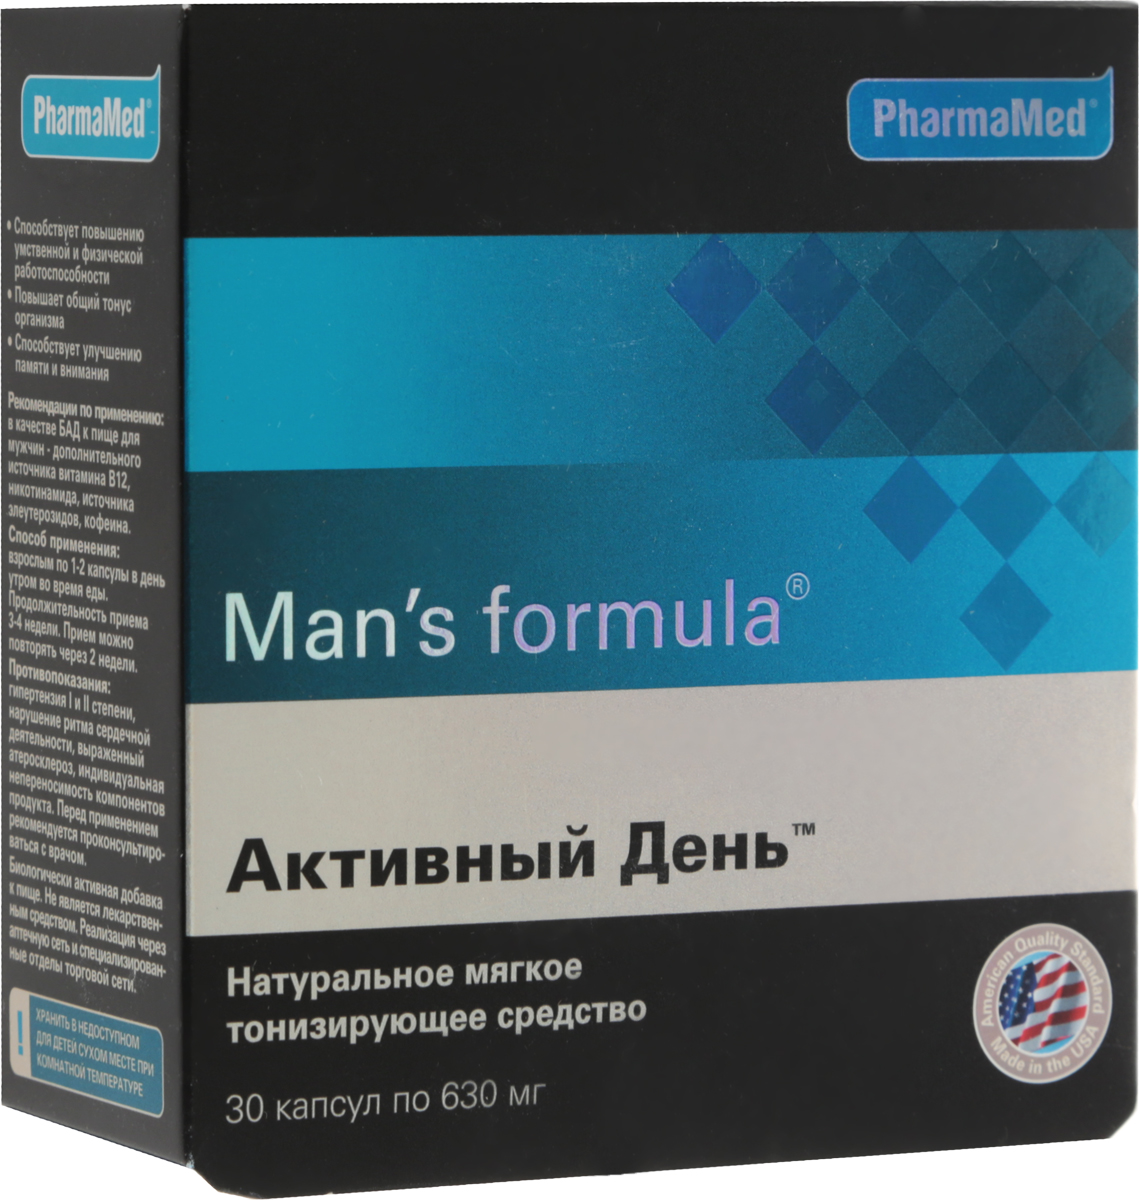 Биокомплекс Man's formula Активный день, 630 мг х 30 капсул активный микрофон петлица